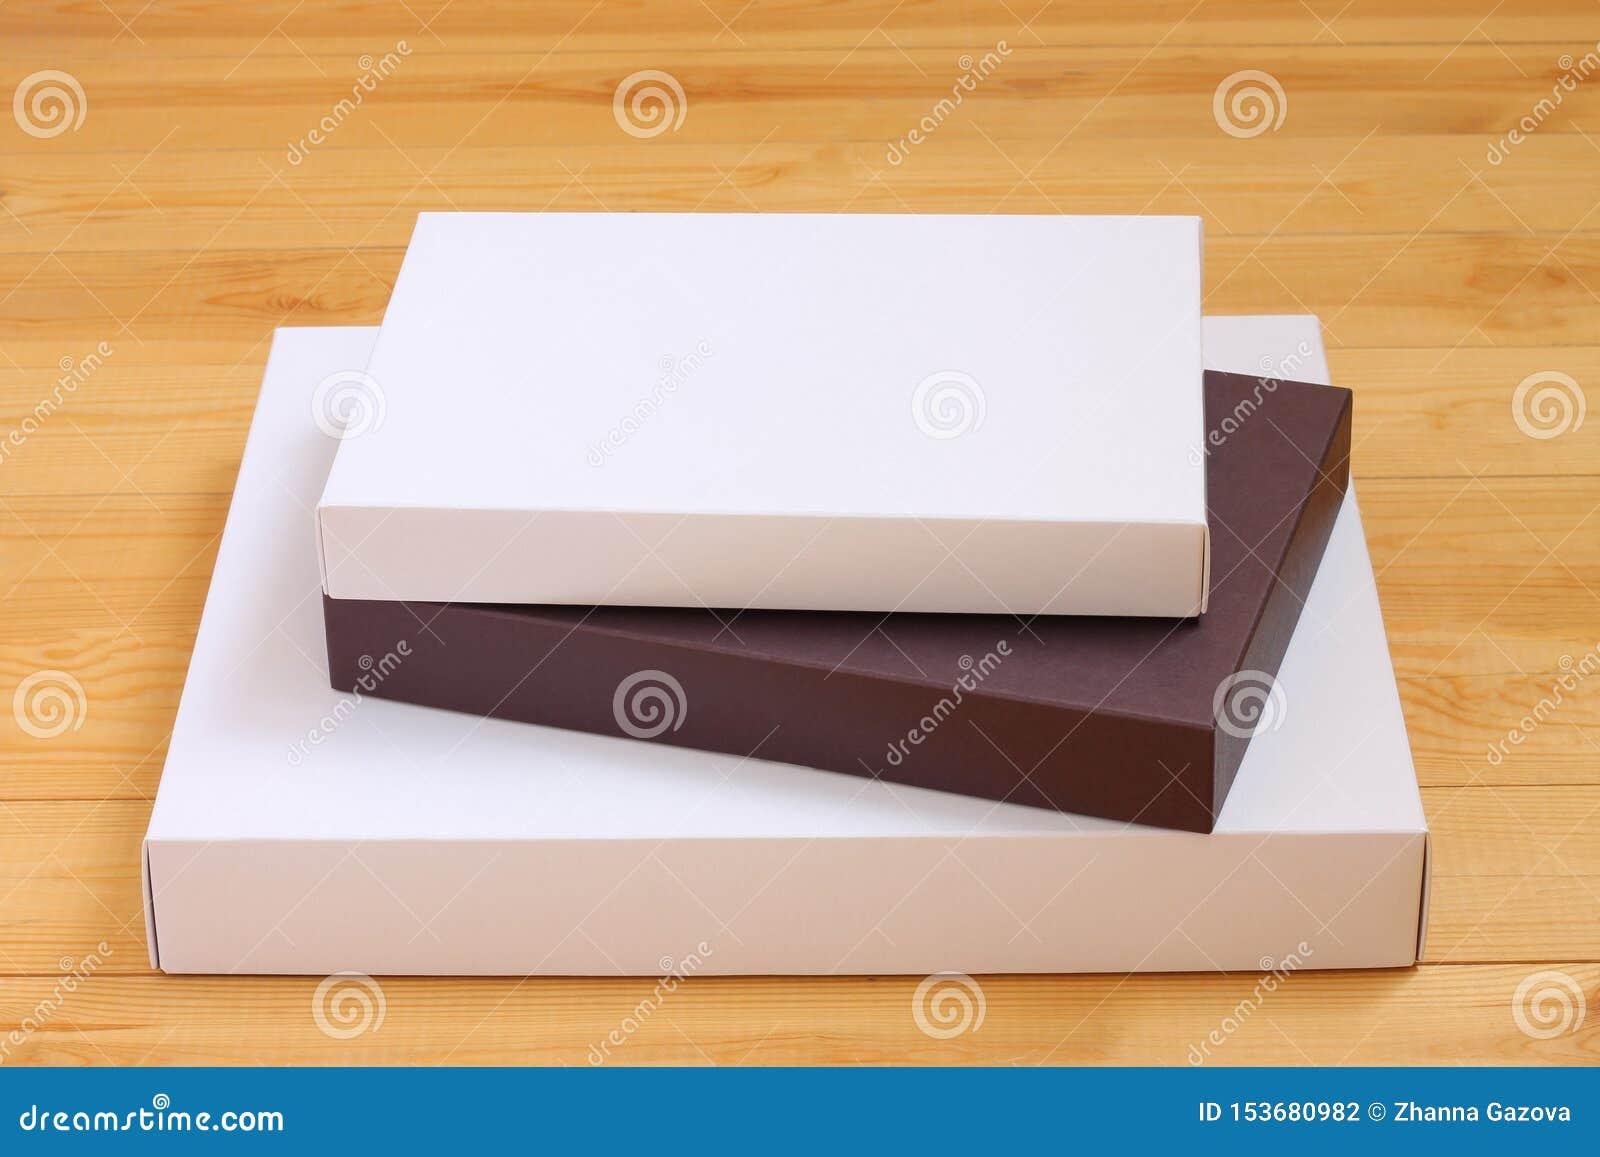 Drei Pappschachteln gestapelt auf einander